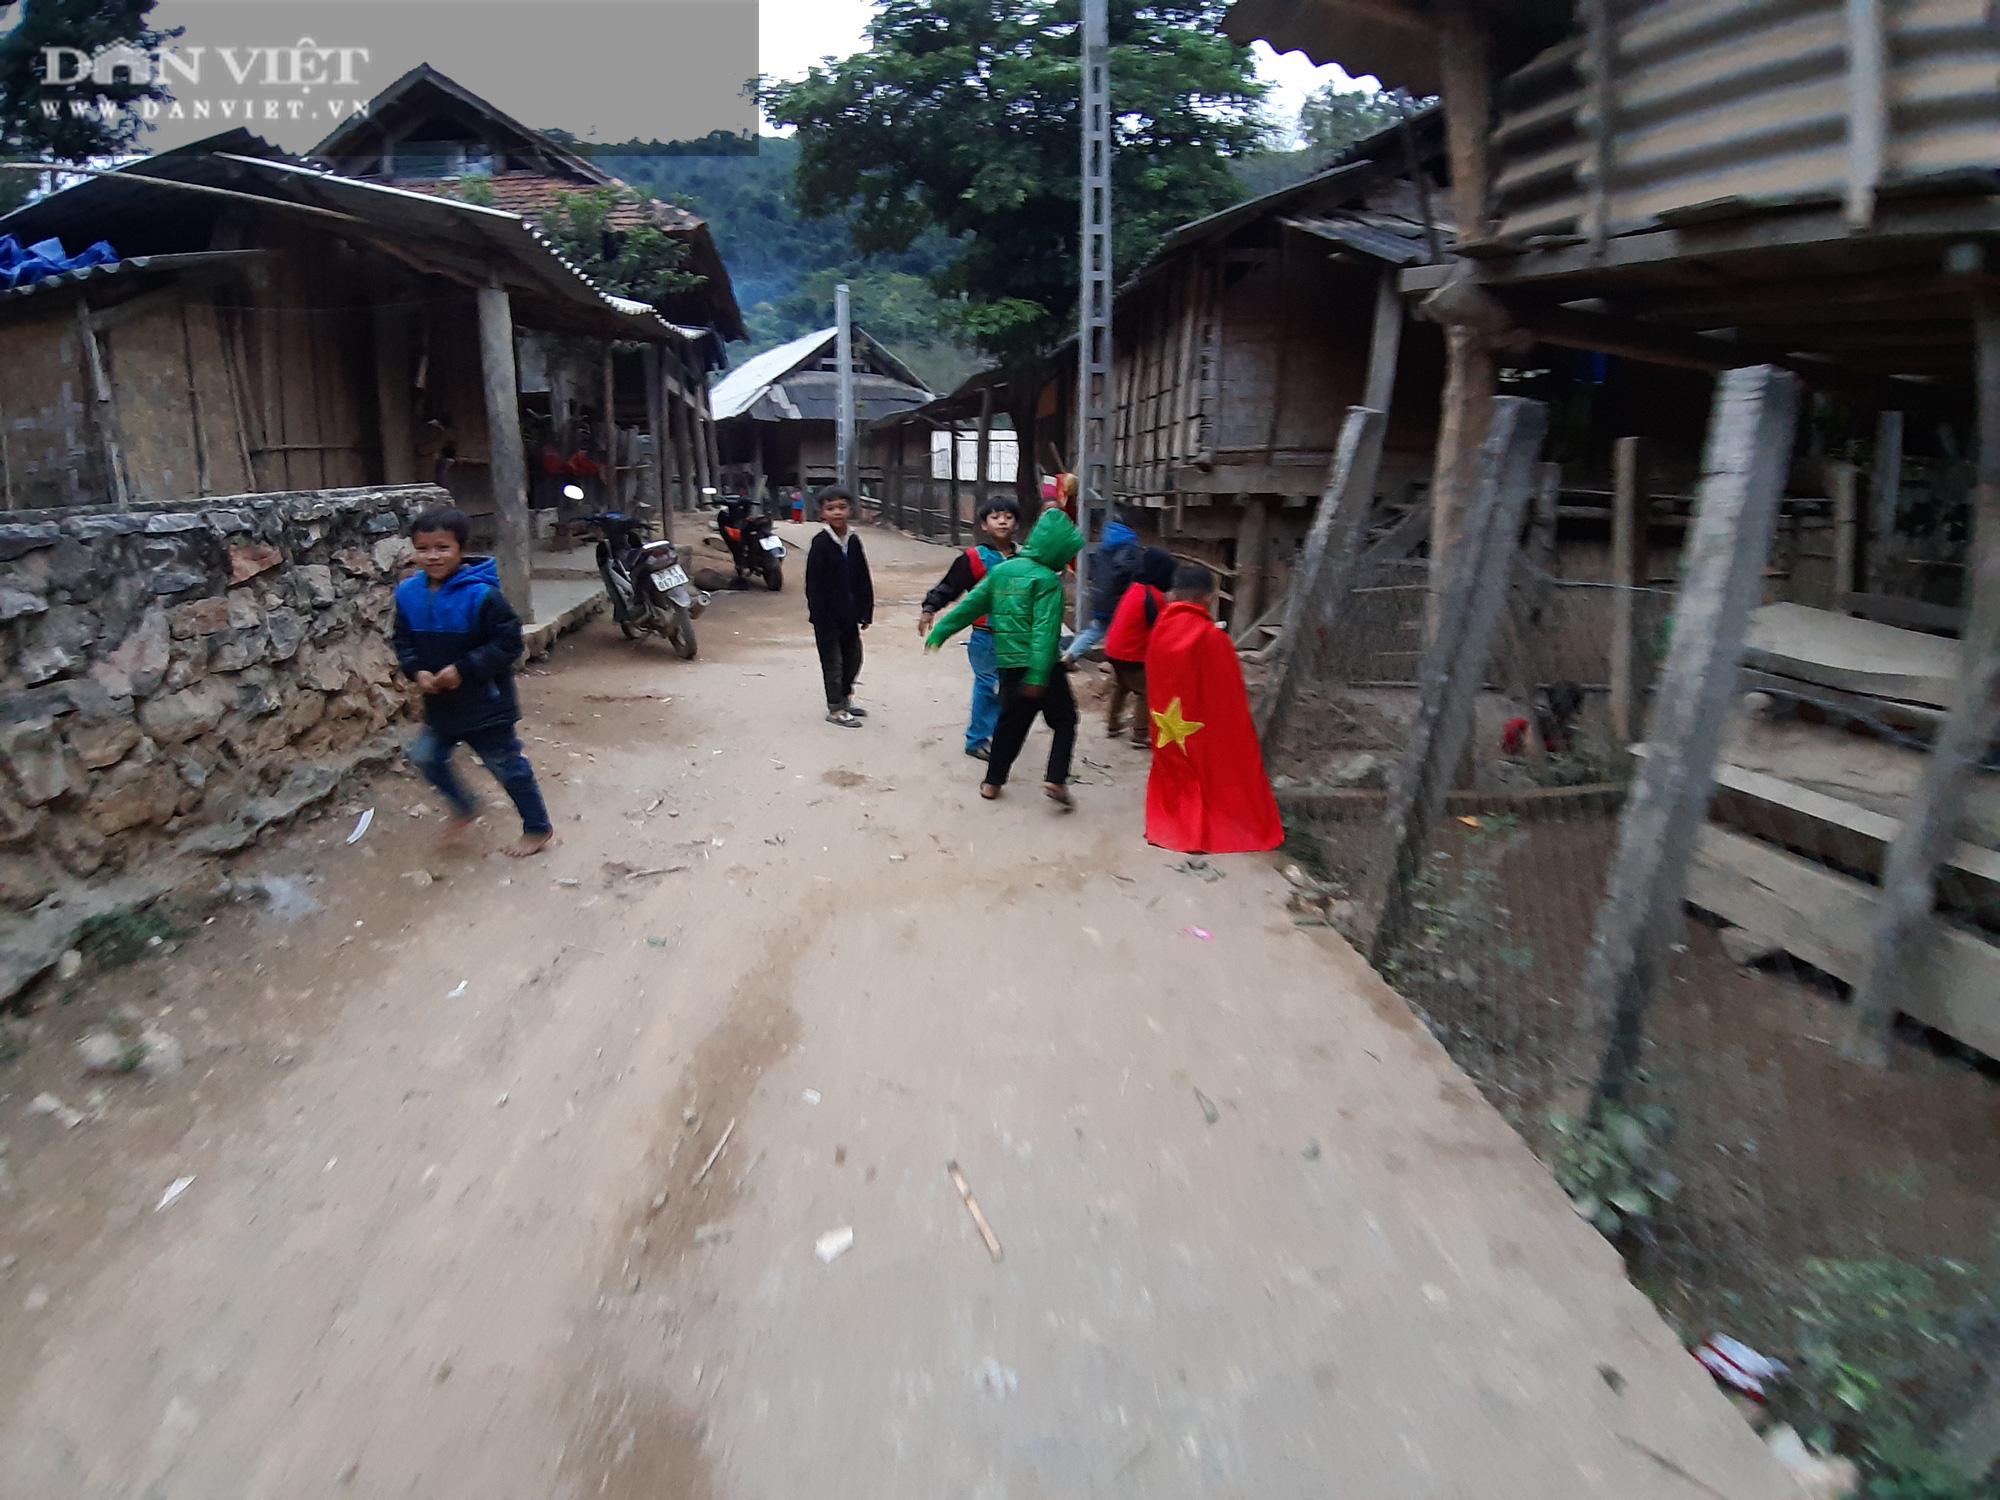 Ác mông mới ở Chăm Puông (Bài cuối): Nếu chị em vẫn quyết có thai... đem bán, thì chúng ta còn thất bại! - Ảnh 2.